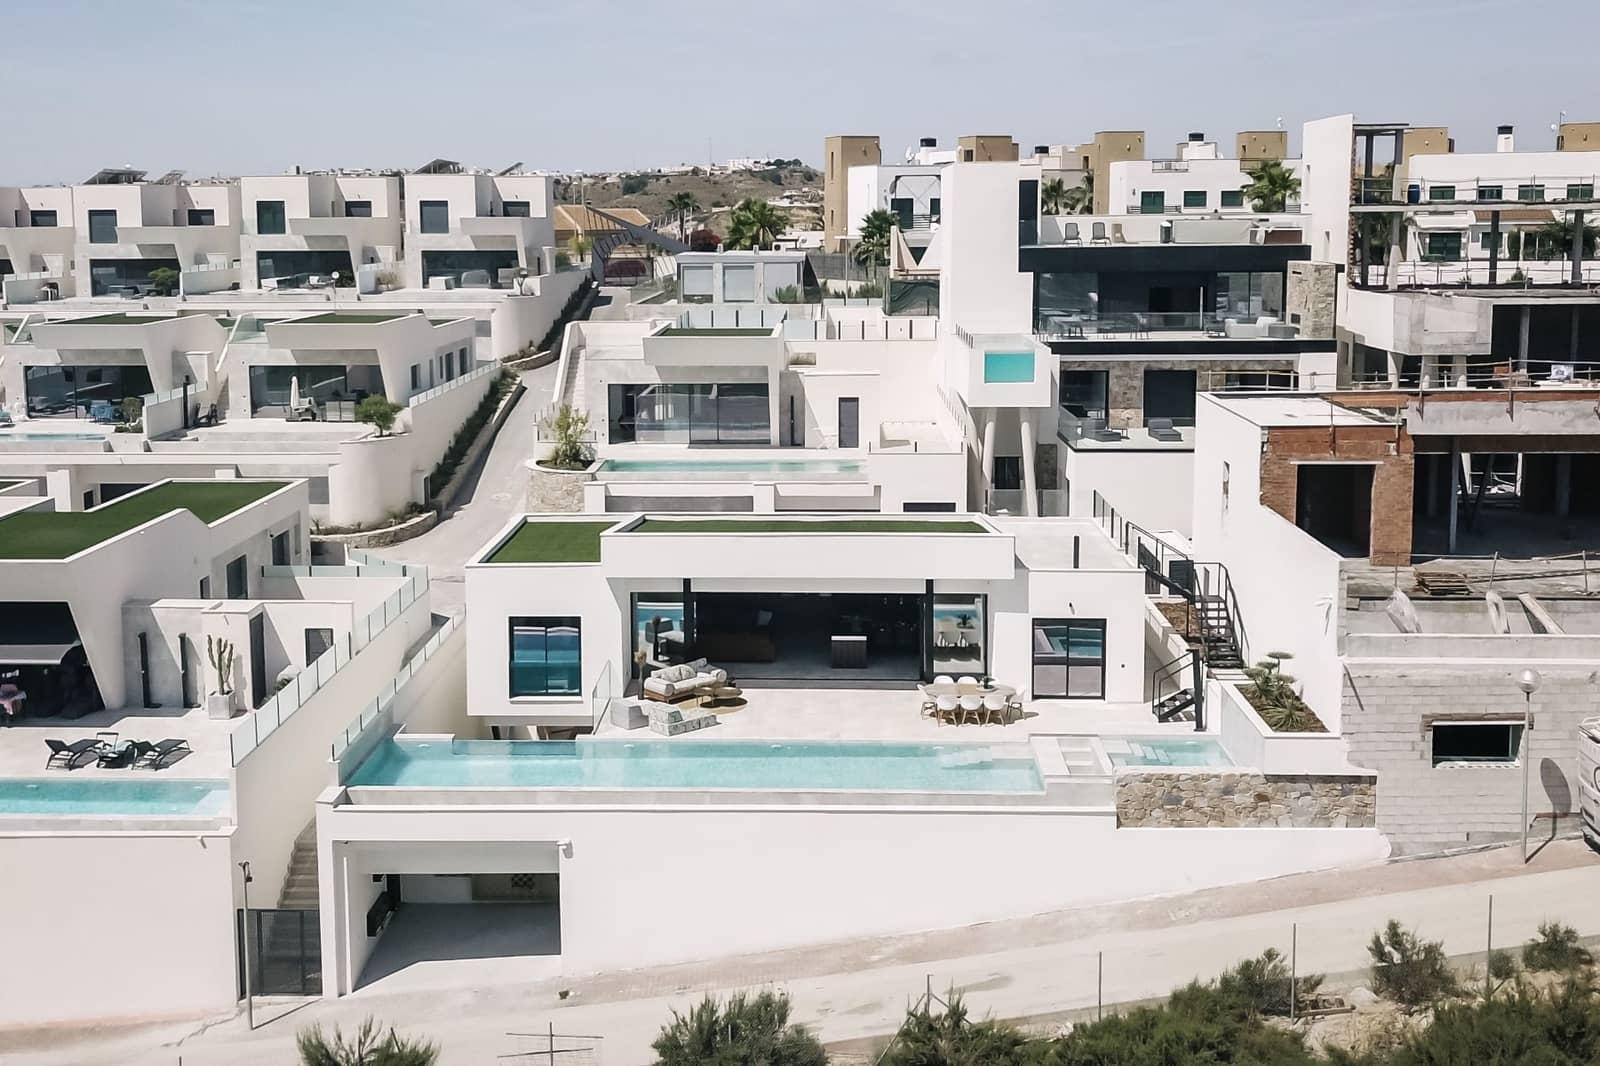 Chalet de 3 habitaciones en Pueblo Lucero en venta con piscina - 1.250.000 € (Ref: 5503208)